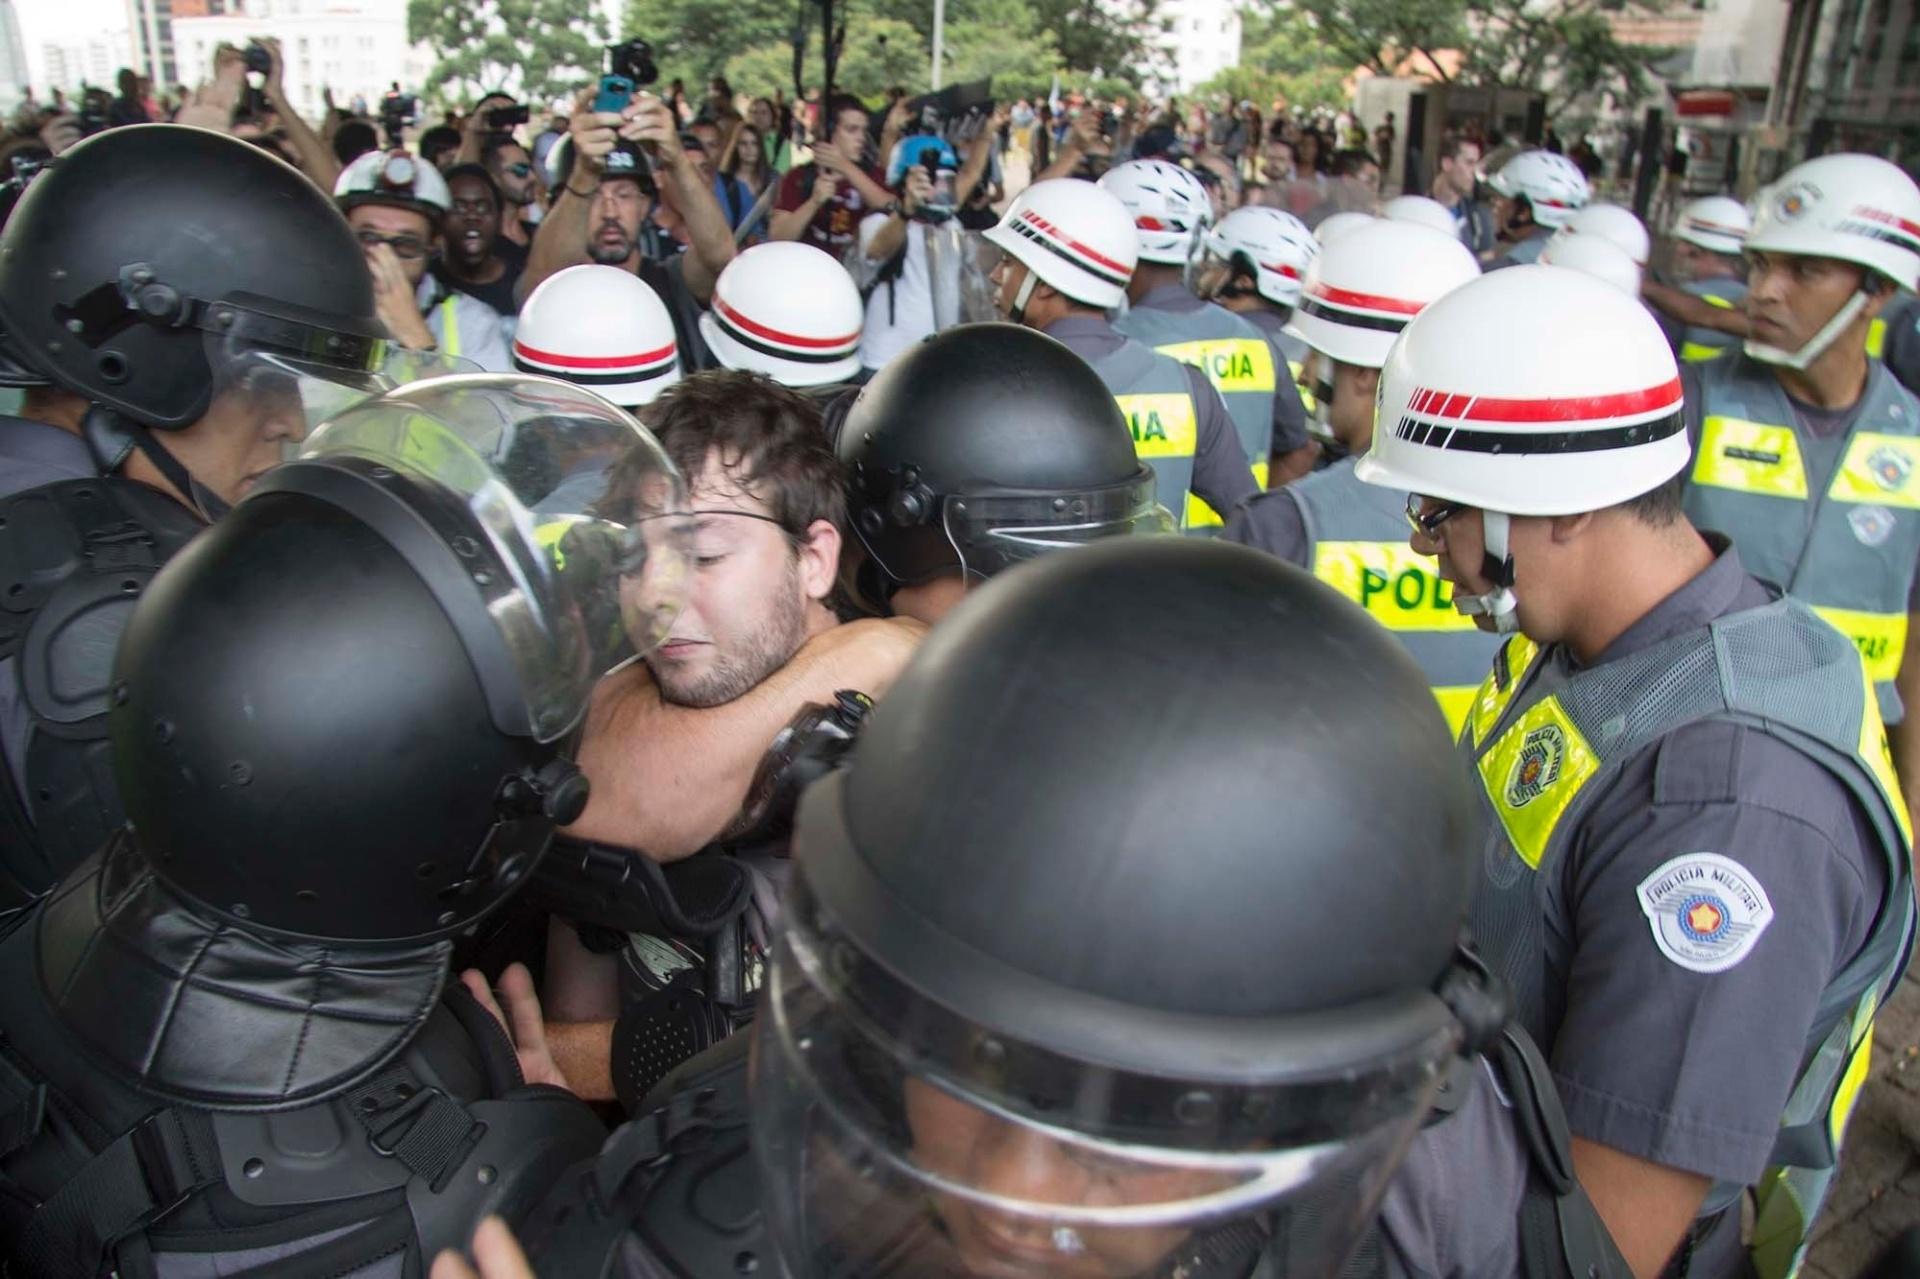 Veja fotos dos protestos em São Paulo - BOL Fotos - BOL Fotos d99b6fc82b441